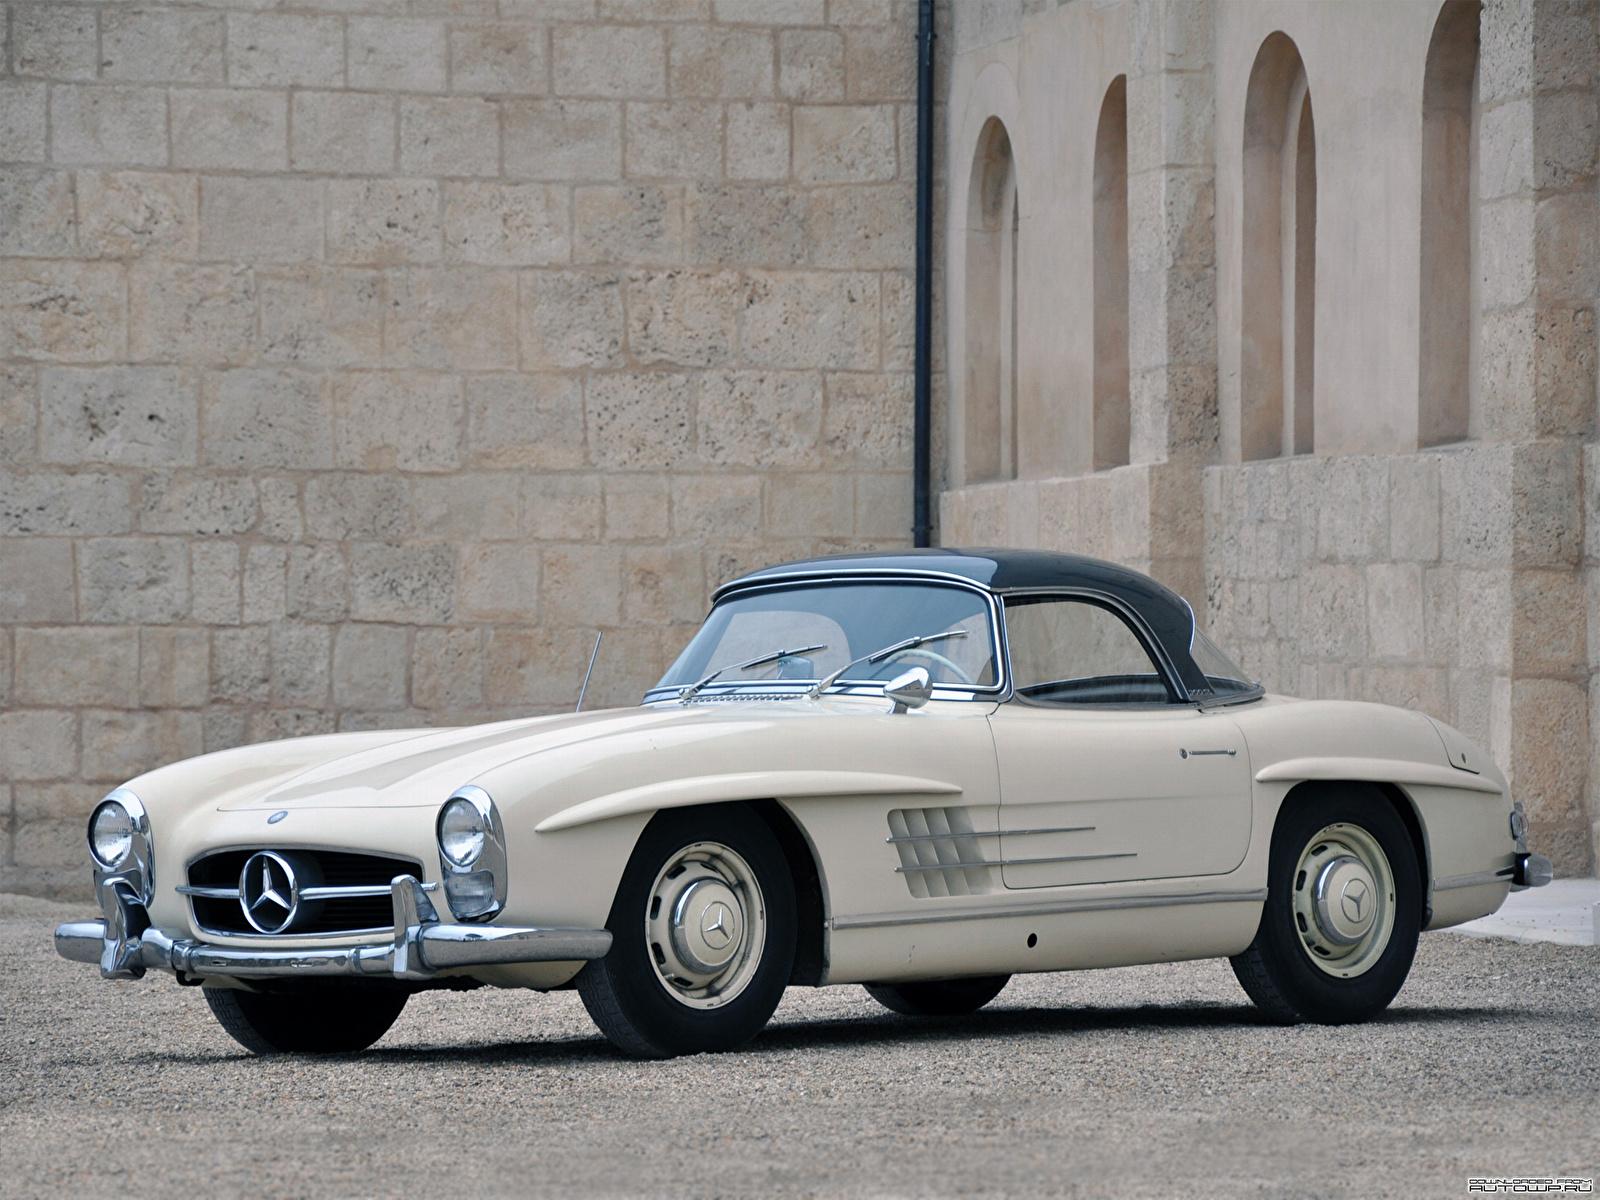 Обои для рабочего стола Mercedes-Benz 300SL Roadster US spec [R198] 1957–63 Родстер авто 1600x1200 Мерседес бенц машина машины автомобиль Автомобили